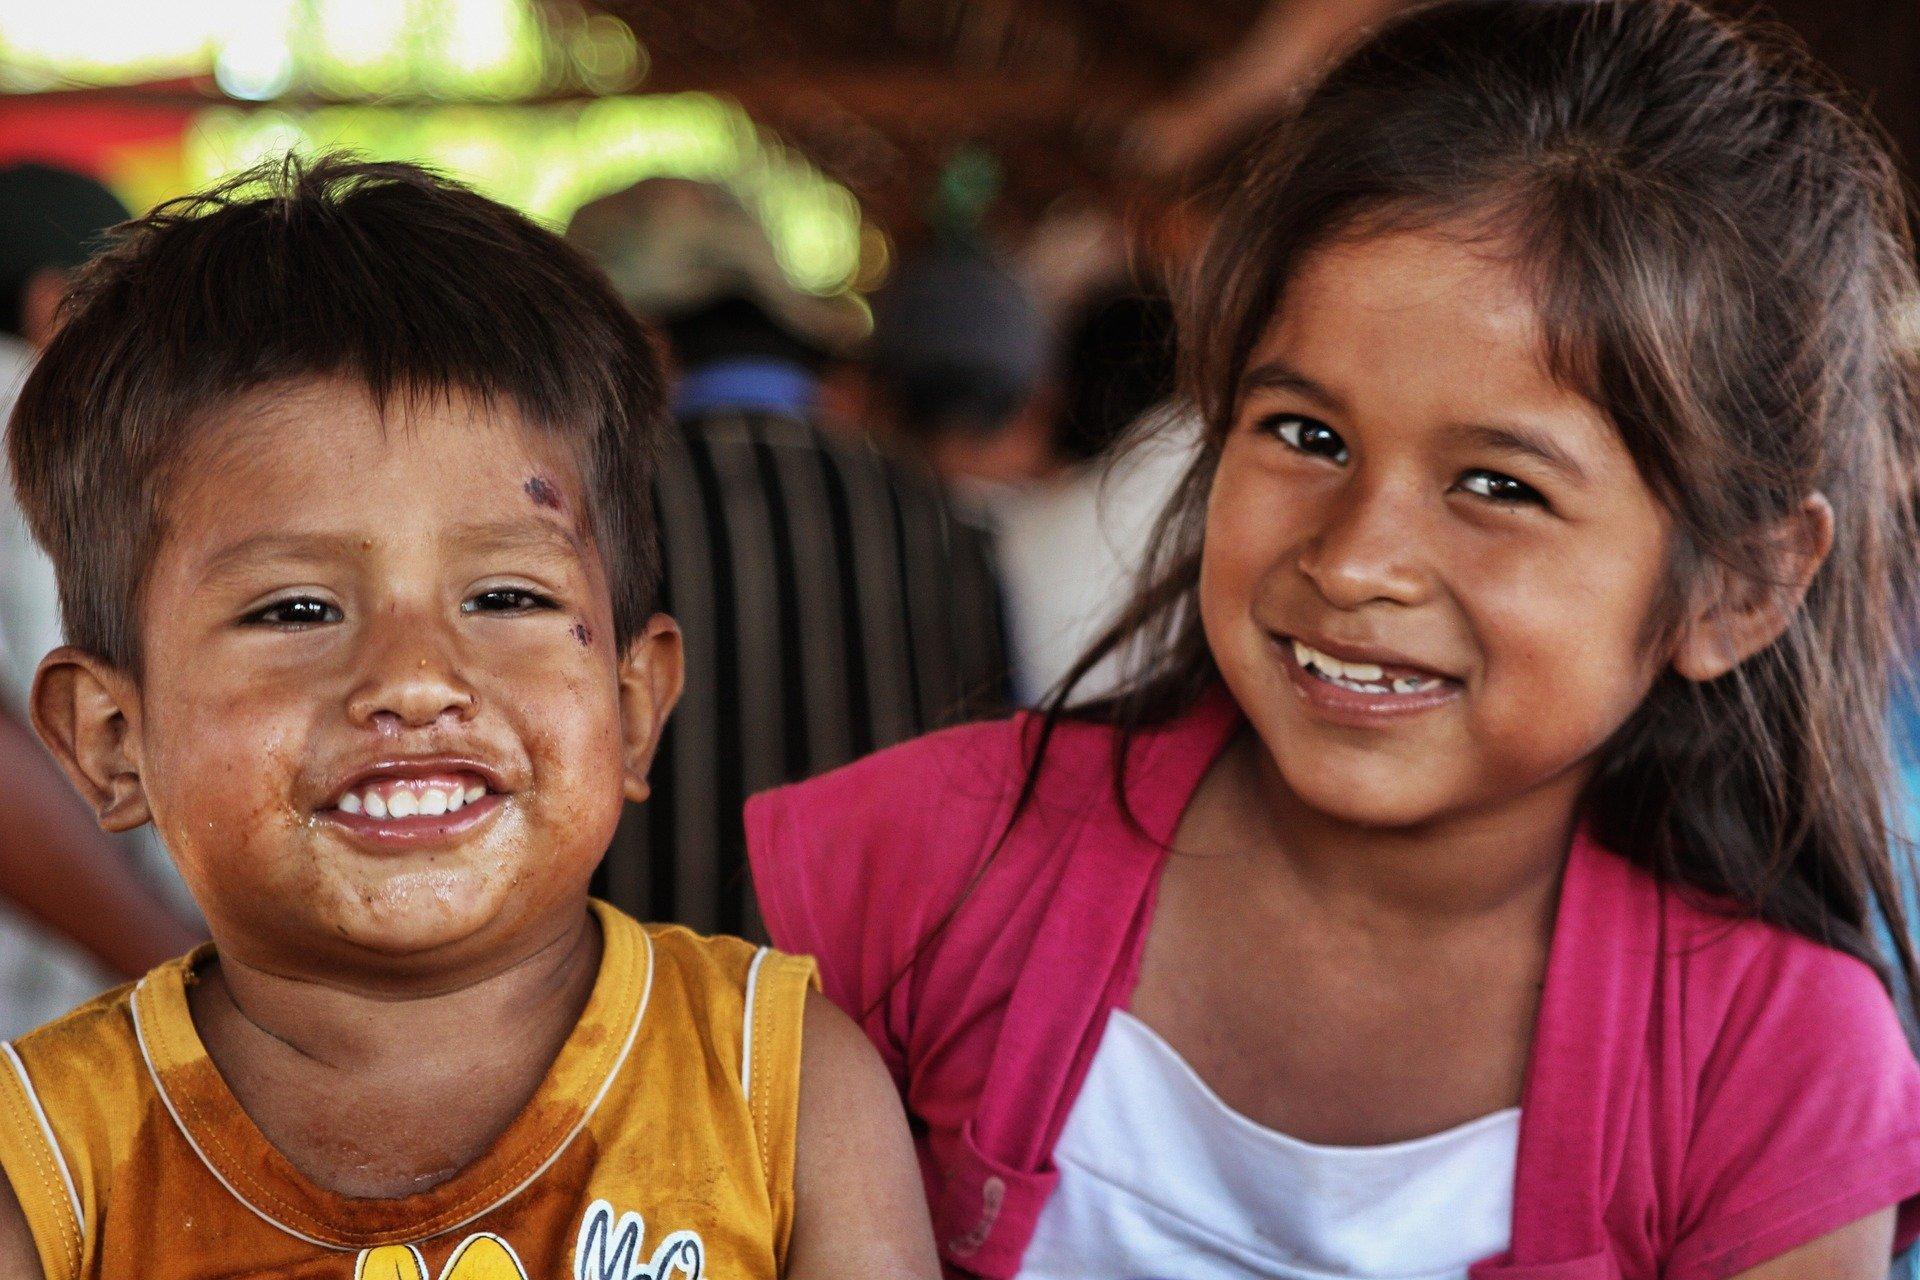 Volontariato internazionale in Bolivia in un ospedale pediatrico